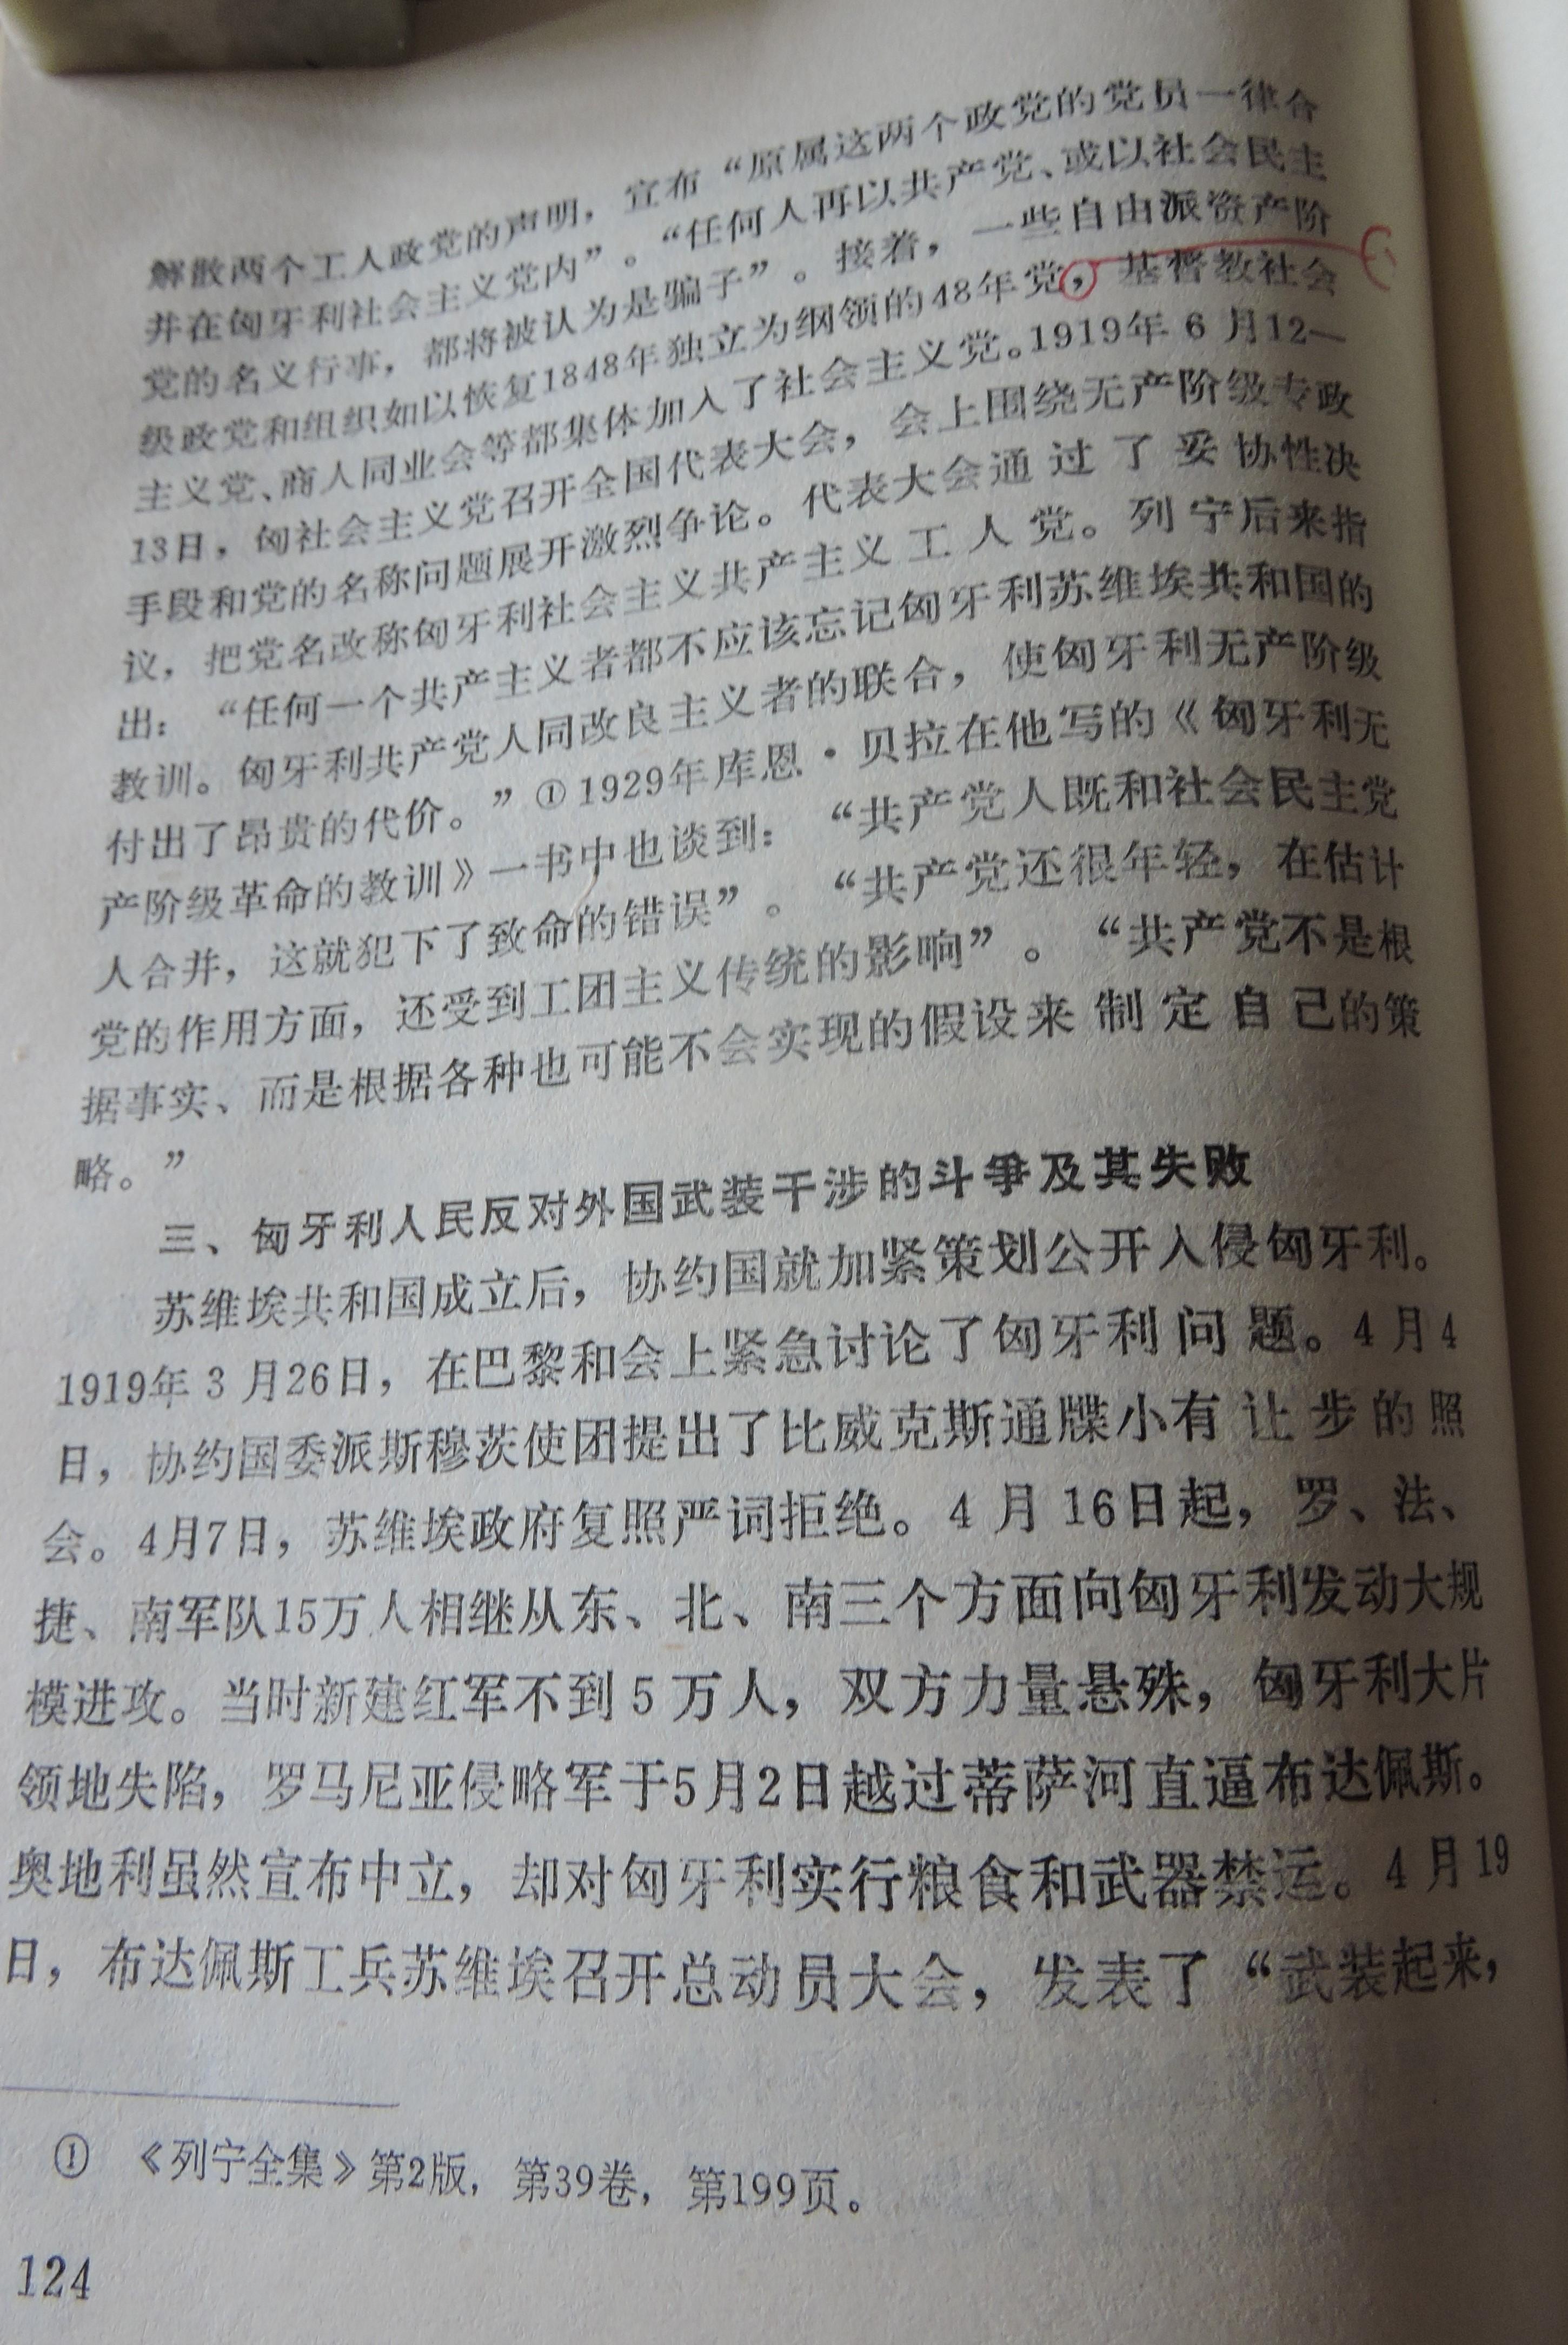 7 DSCN7852.jpg